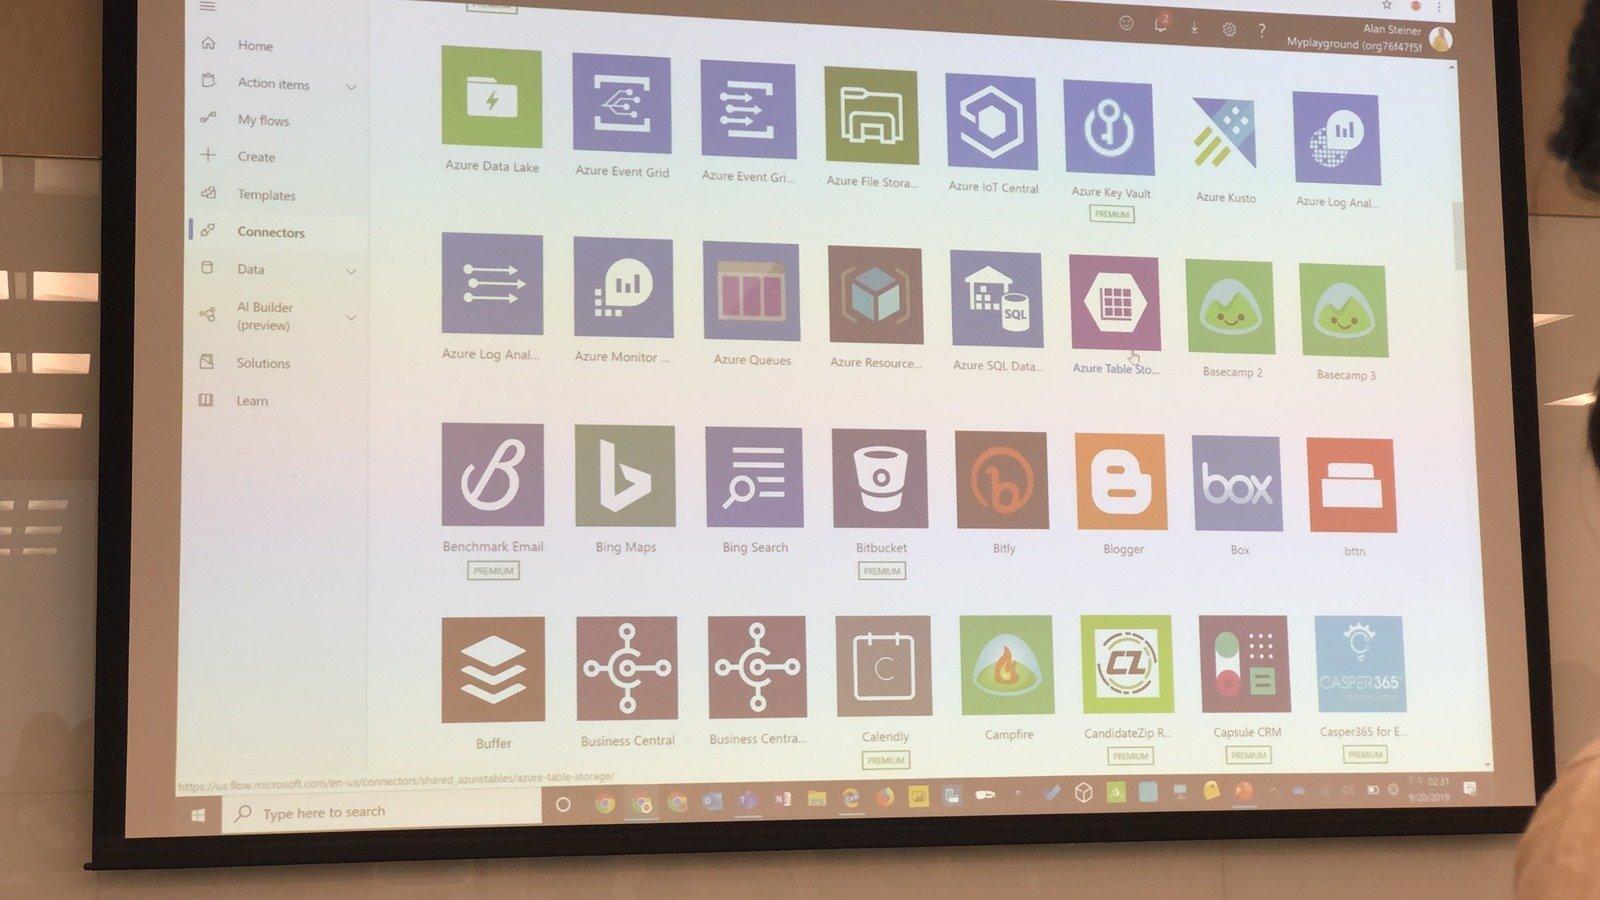 為了讓所有人能專注在工作而生!Microsoft Teams & Power Platform 讓公務雜事不再繁瑣 @3C 達人廖阿輝